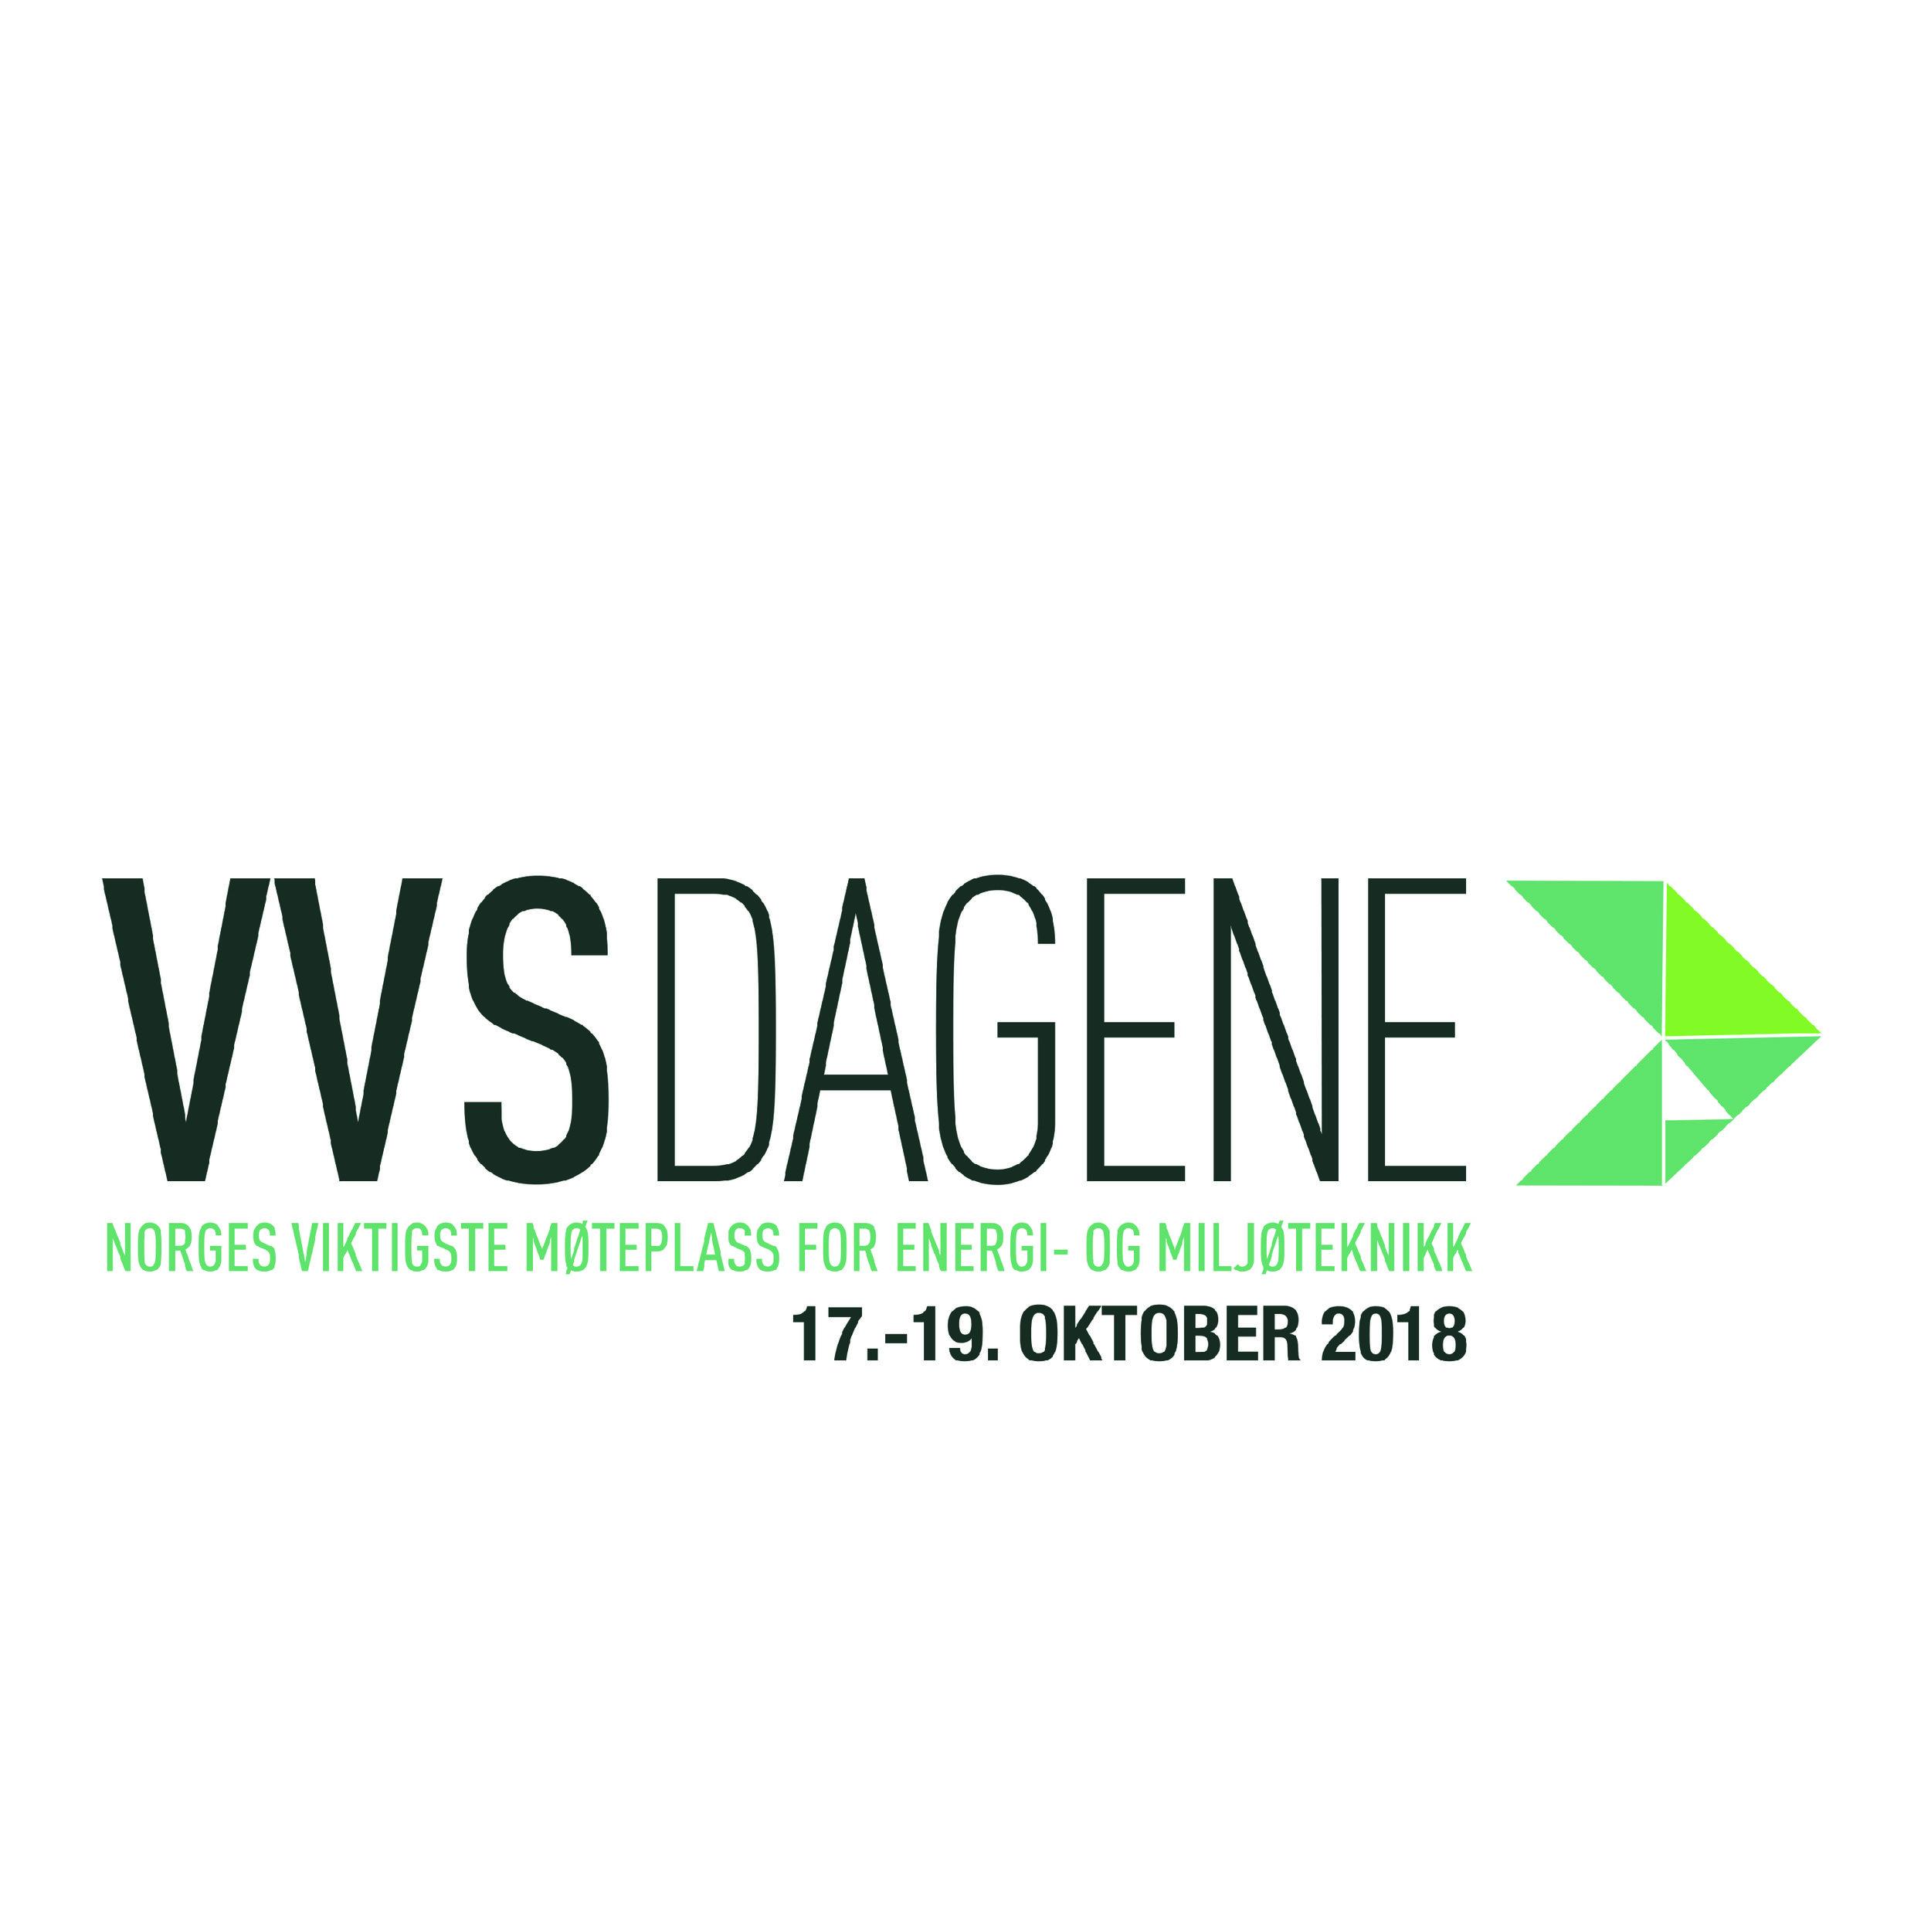 VVS Dagene